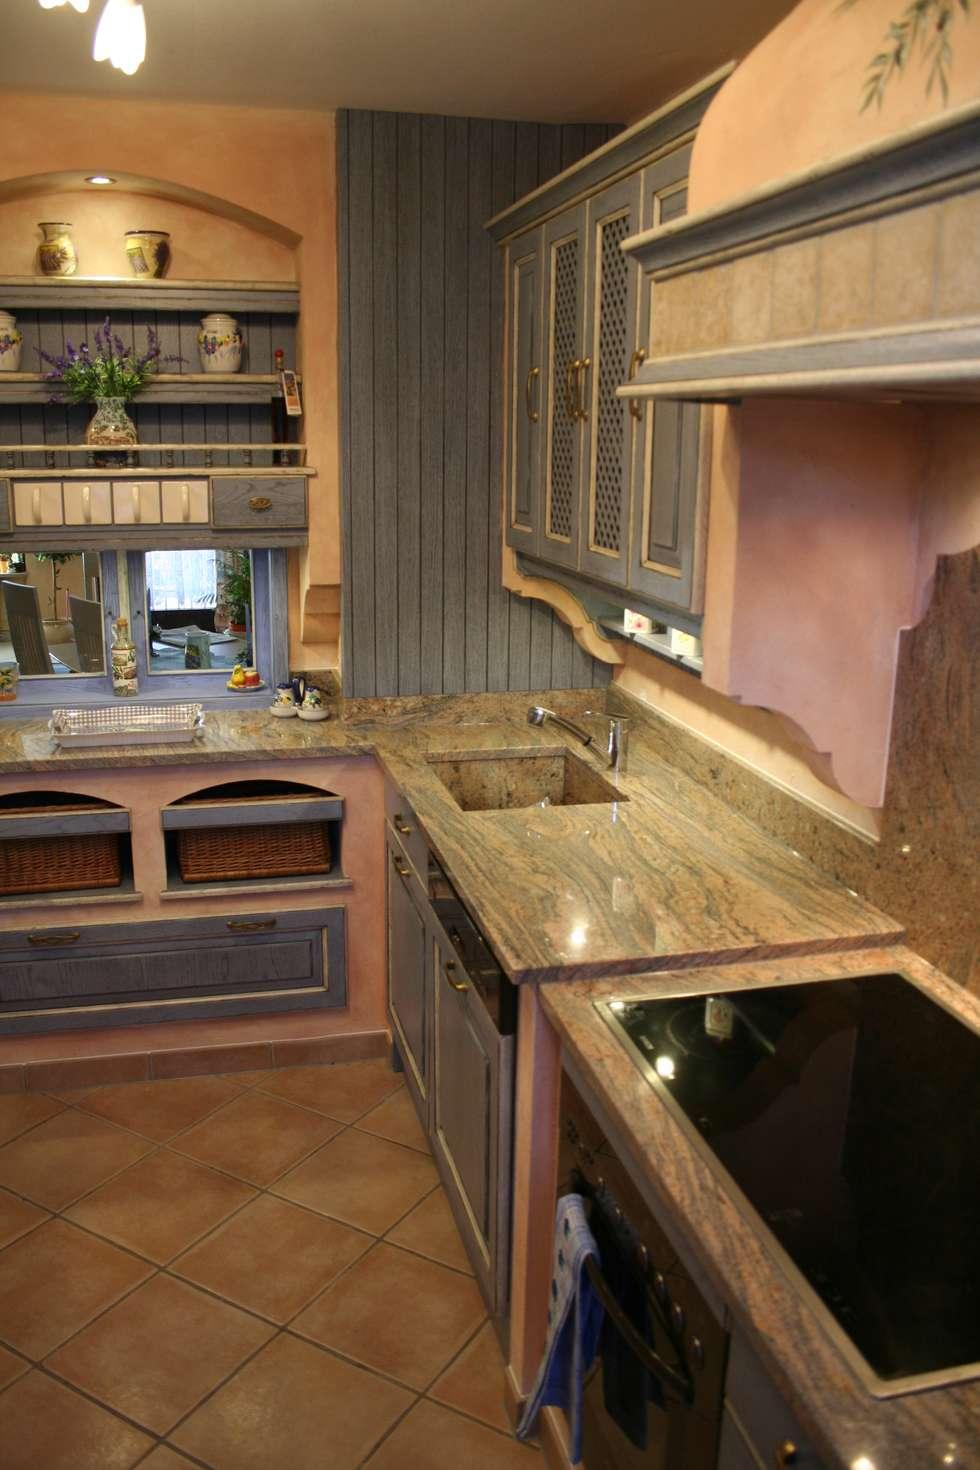 Cool Küche Mediterran Galerie Von Villa Medici Mediterrane Küche Blau Weiß: Mediterrane